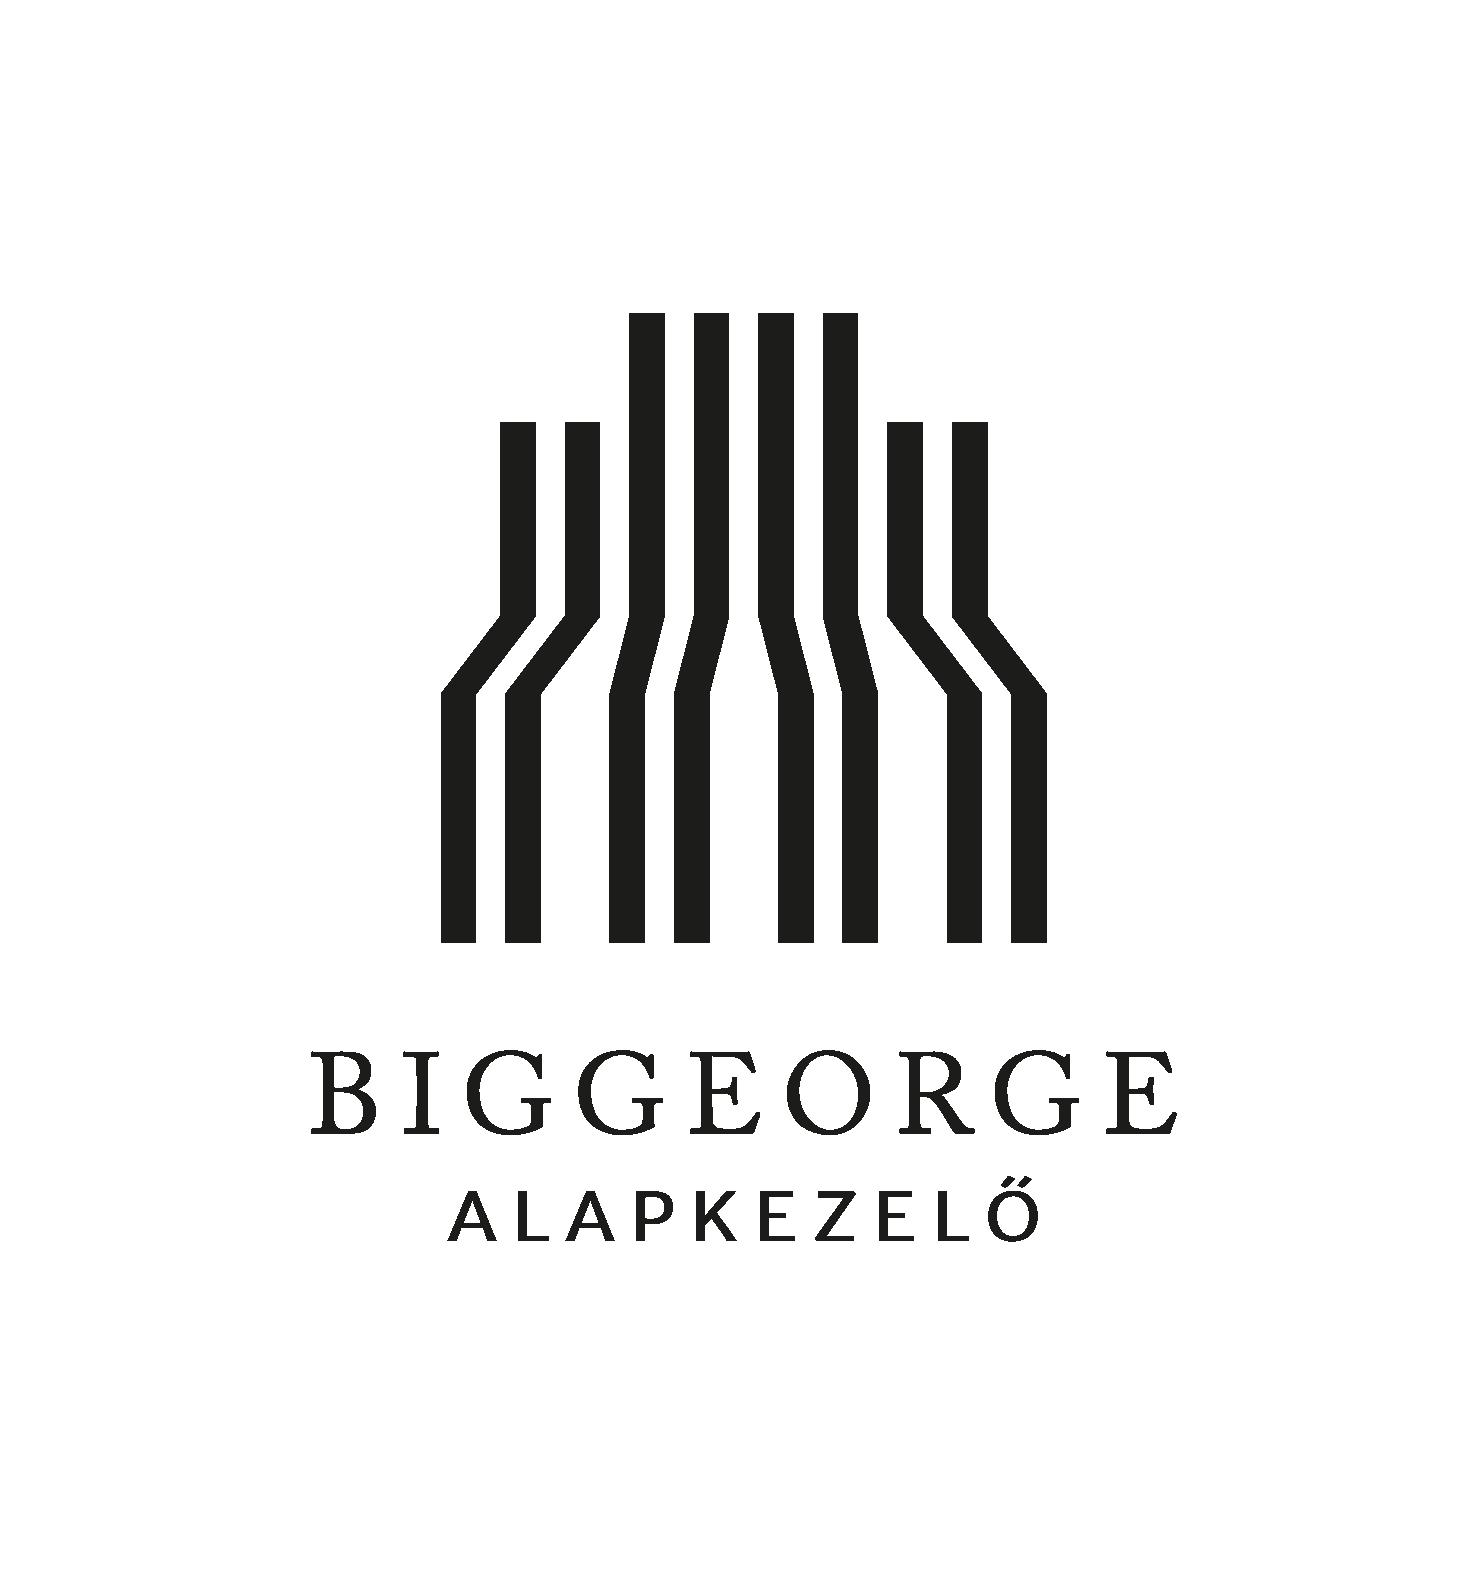 logo_ol_alapkezelo-01